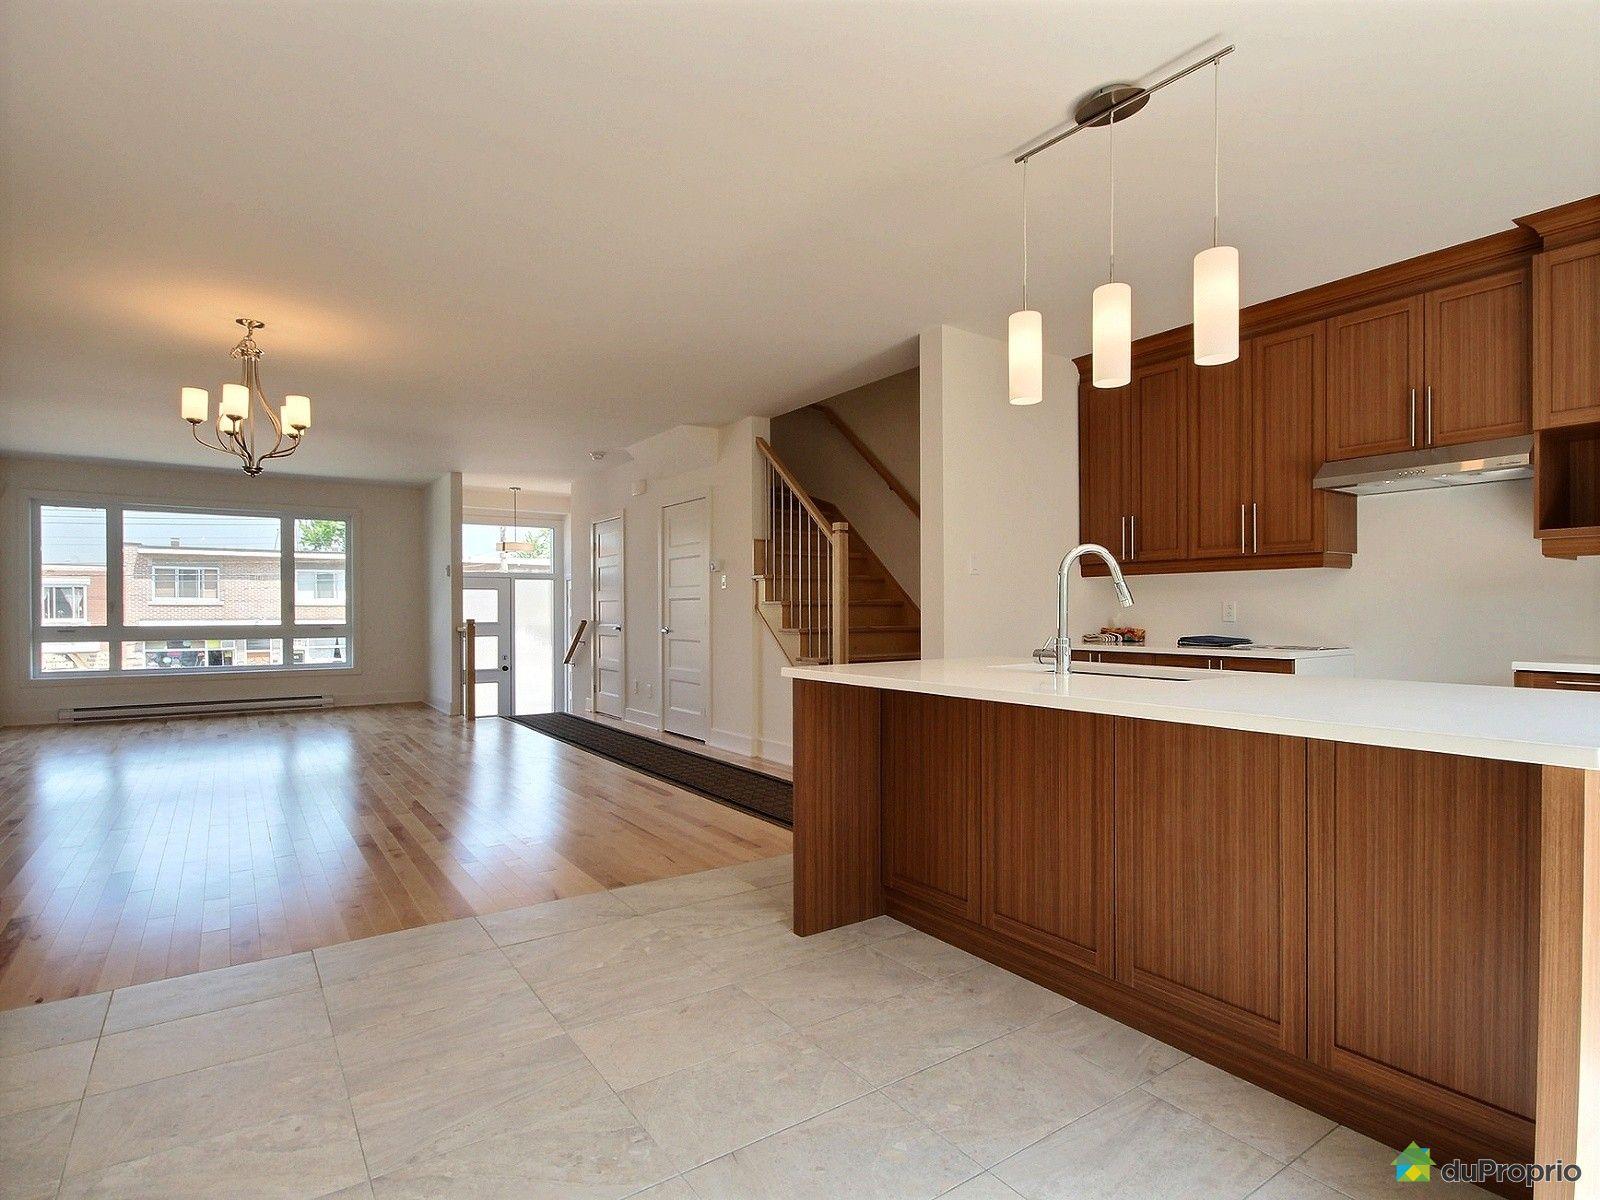 Maison neuve vendre montr al 3844 rue monselet for Alarme maison montreal